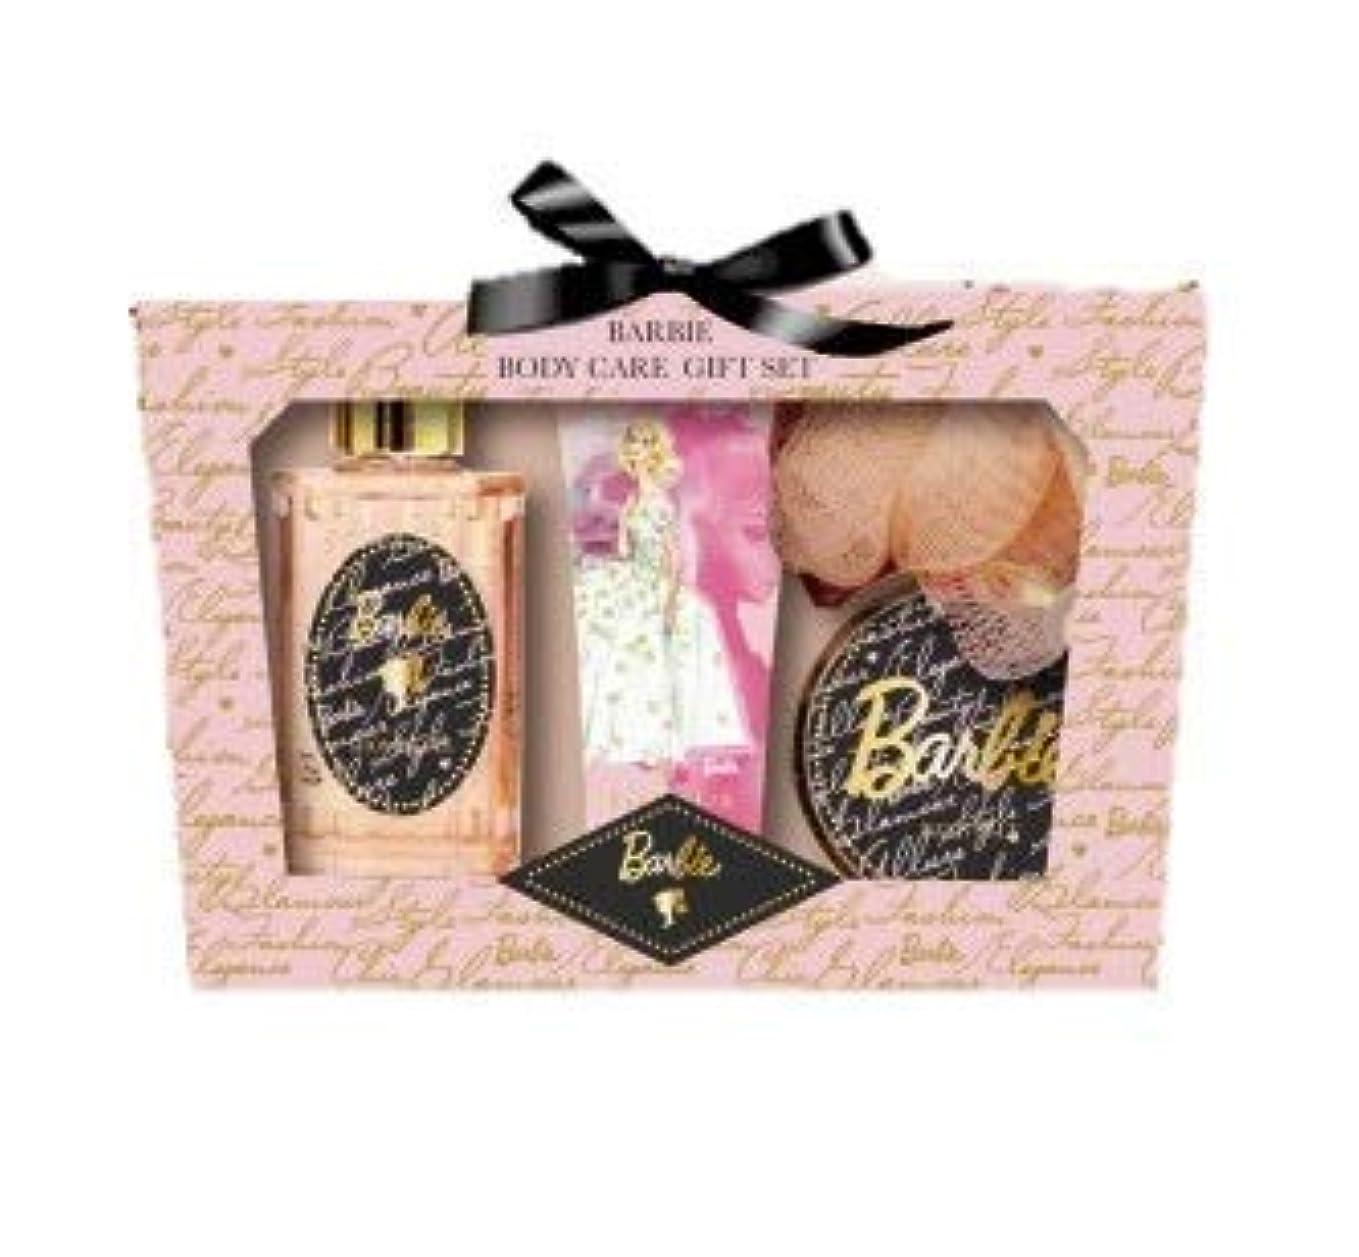 成り立つ曇ったシャークヒューマンリンク Barbie (バービー) ボディケア ギフトセット (ローズ&ピオニーの香り) プレゼント [ハンドクリーム/シャワージェル/バスソルト/スポンジ] 入浴剤 バススポンジ ボディソープ